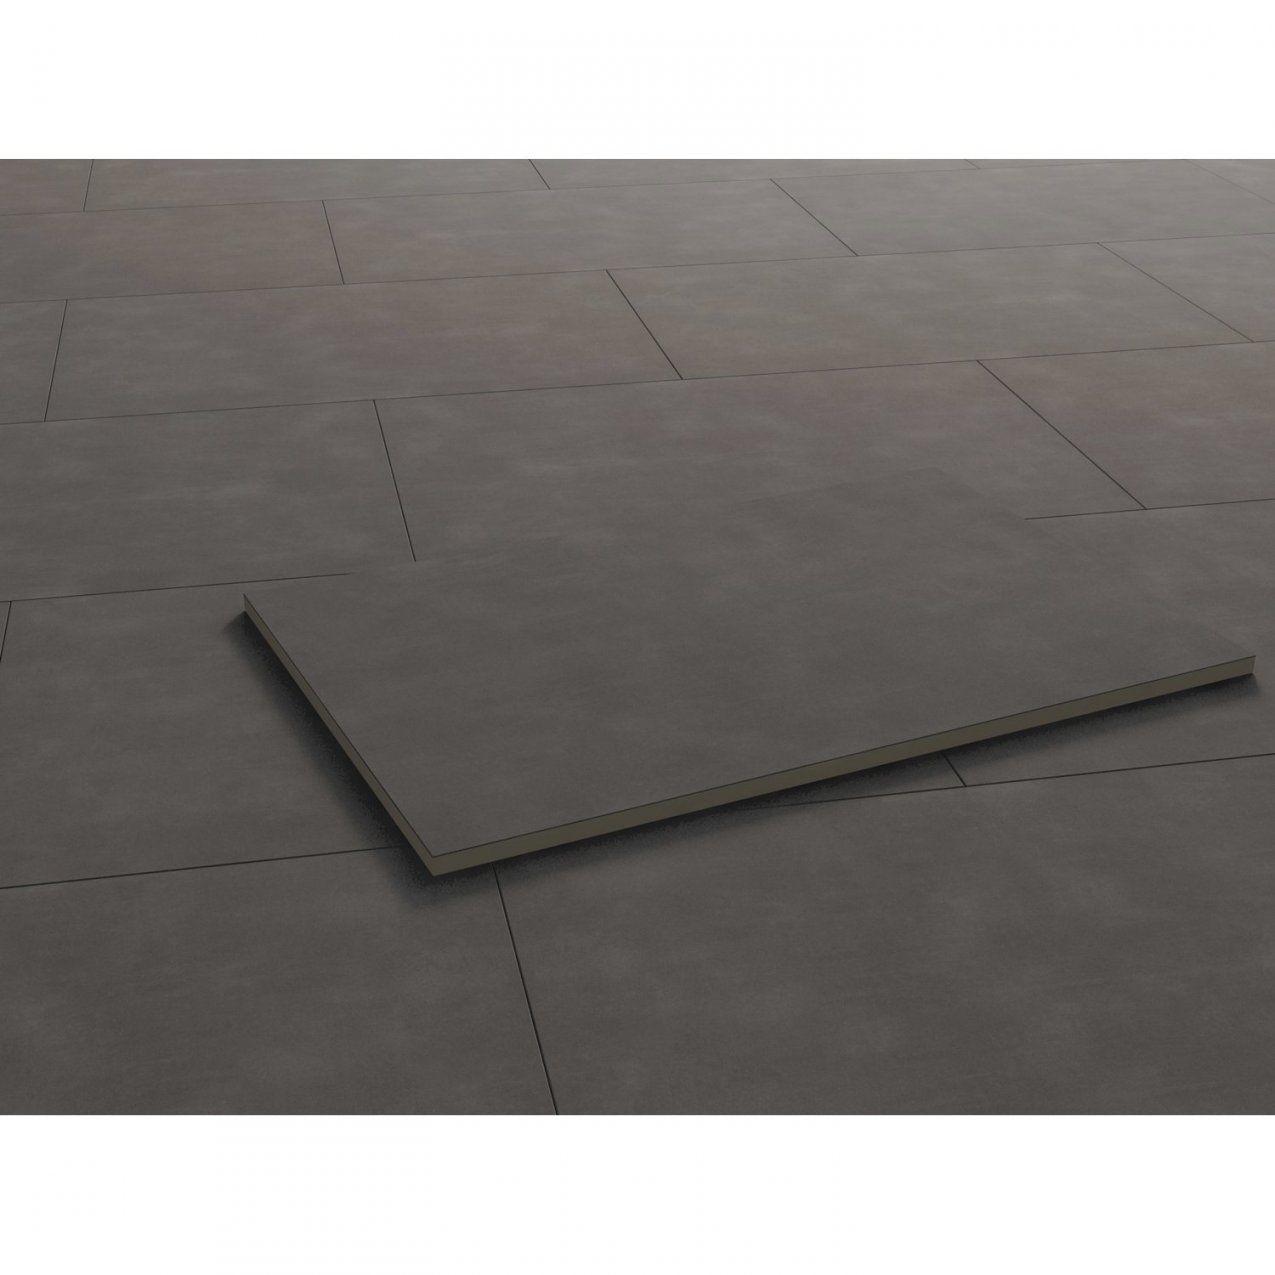 Terrassenplatte Feinsteinzeug Streetline Graphit 90 Cm X 60 Cm von Betonplatten Auf Beton Kleben Bild